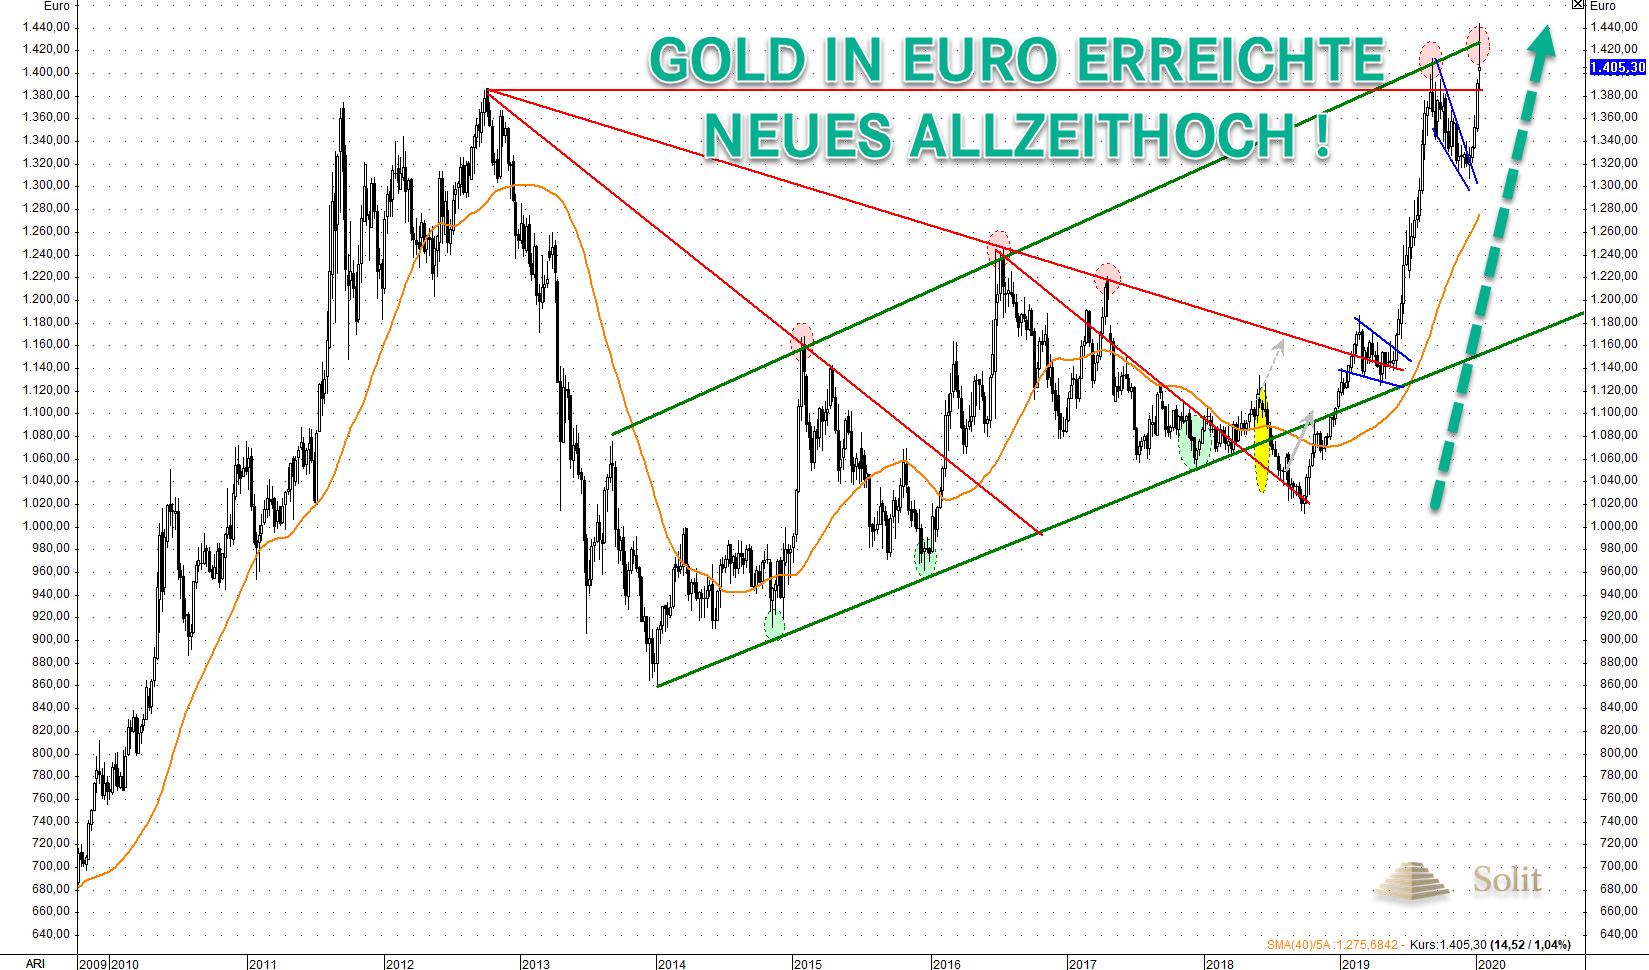 Gold in Euro erreicht neues Allzeithoch 13.01.2020